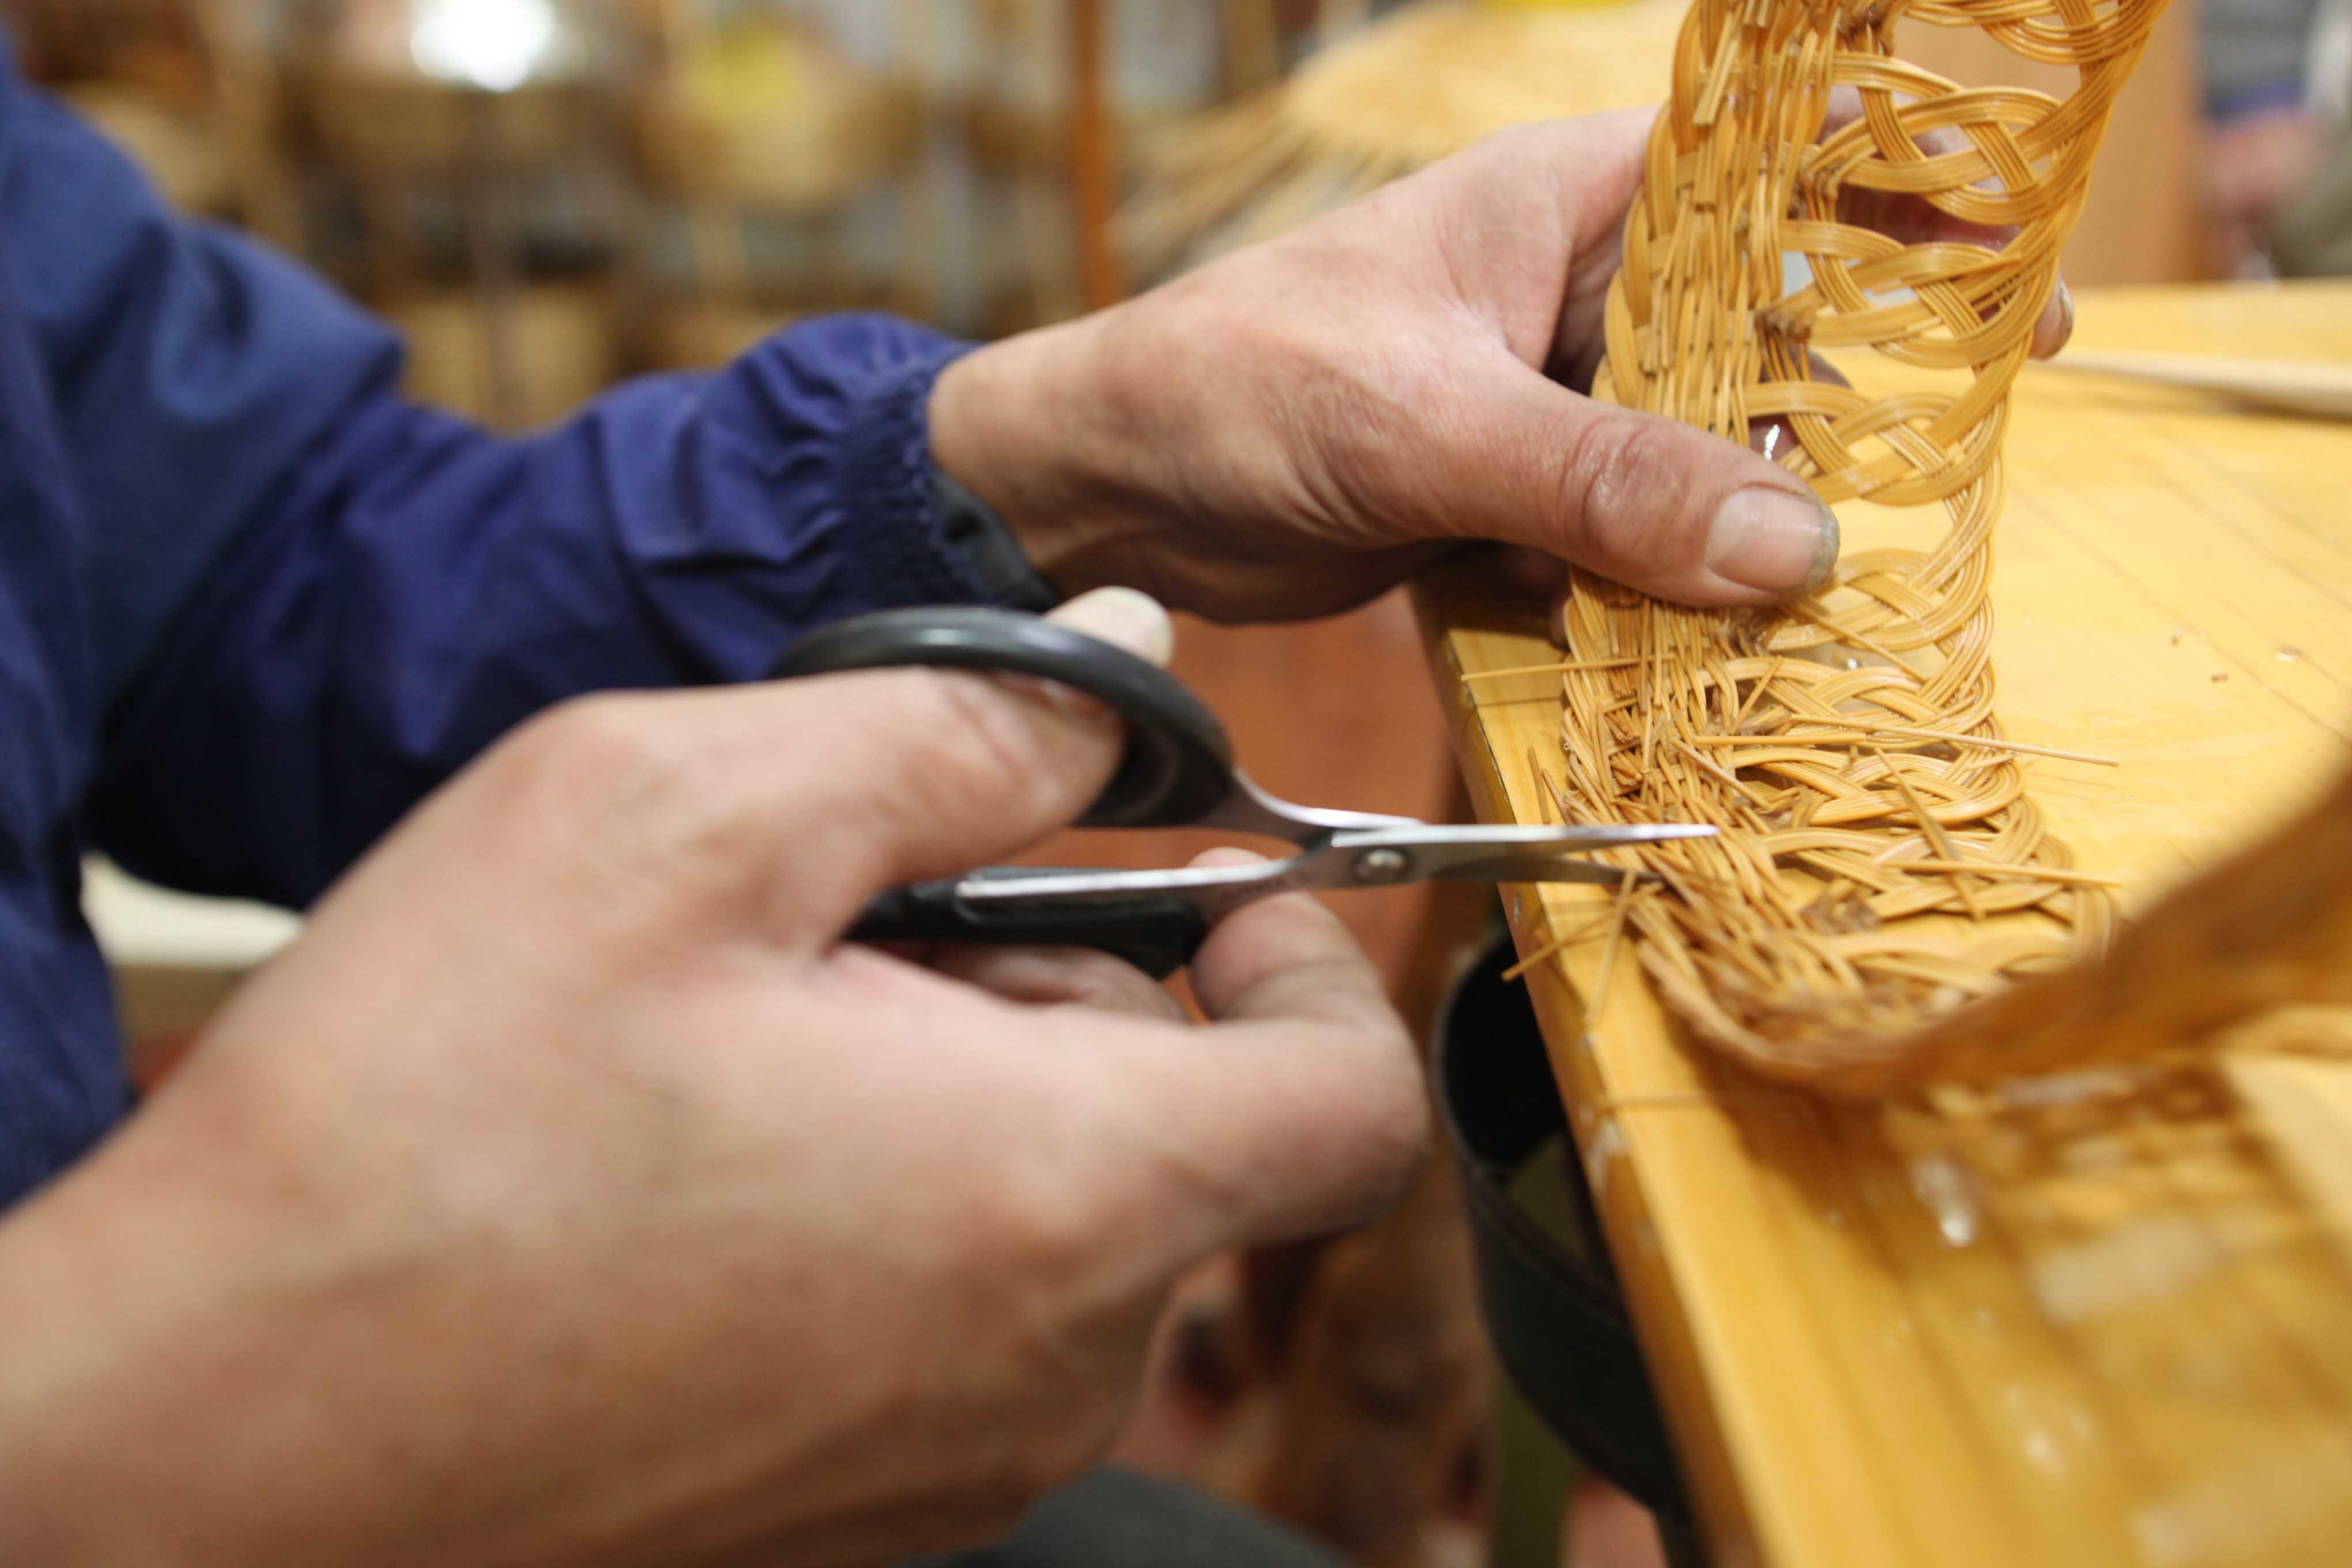 一顶普通的平纹草帽,编织完成只需一天多的时间,带有简易粗线条图案的